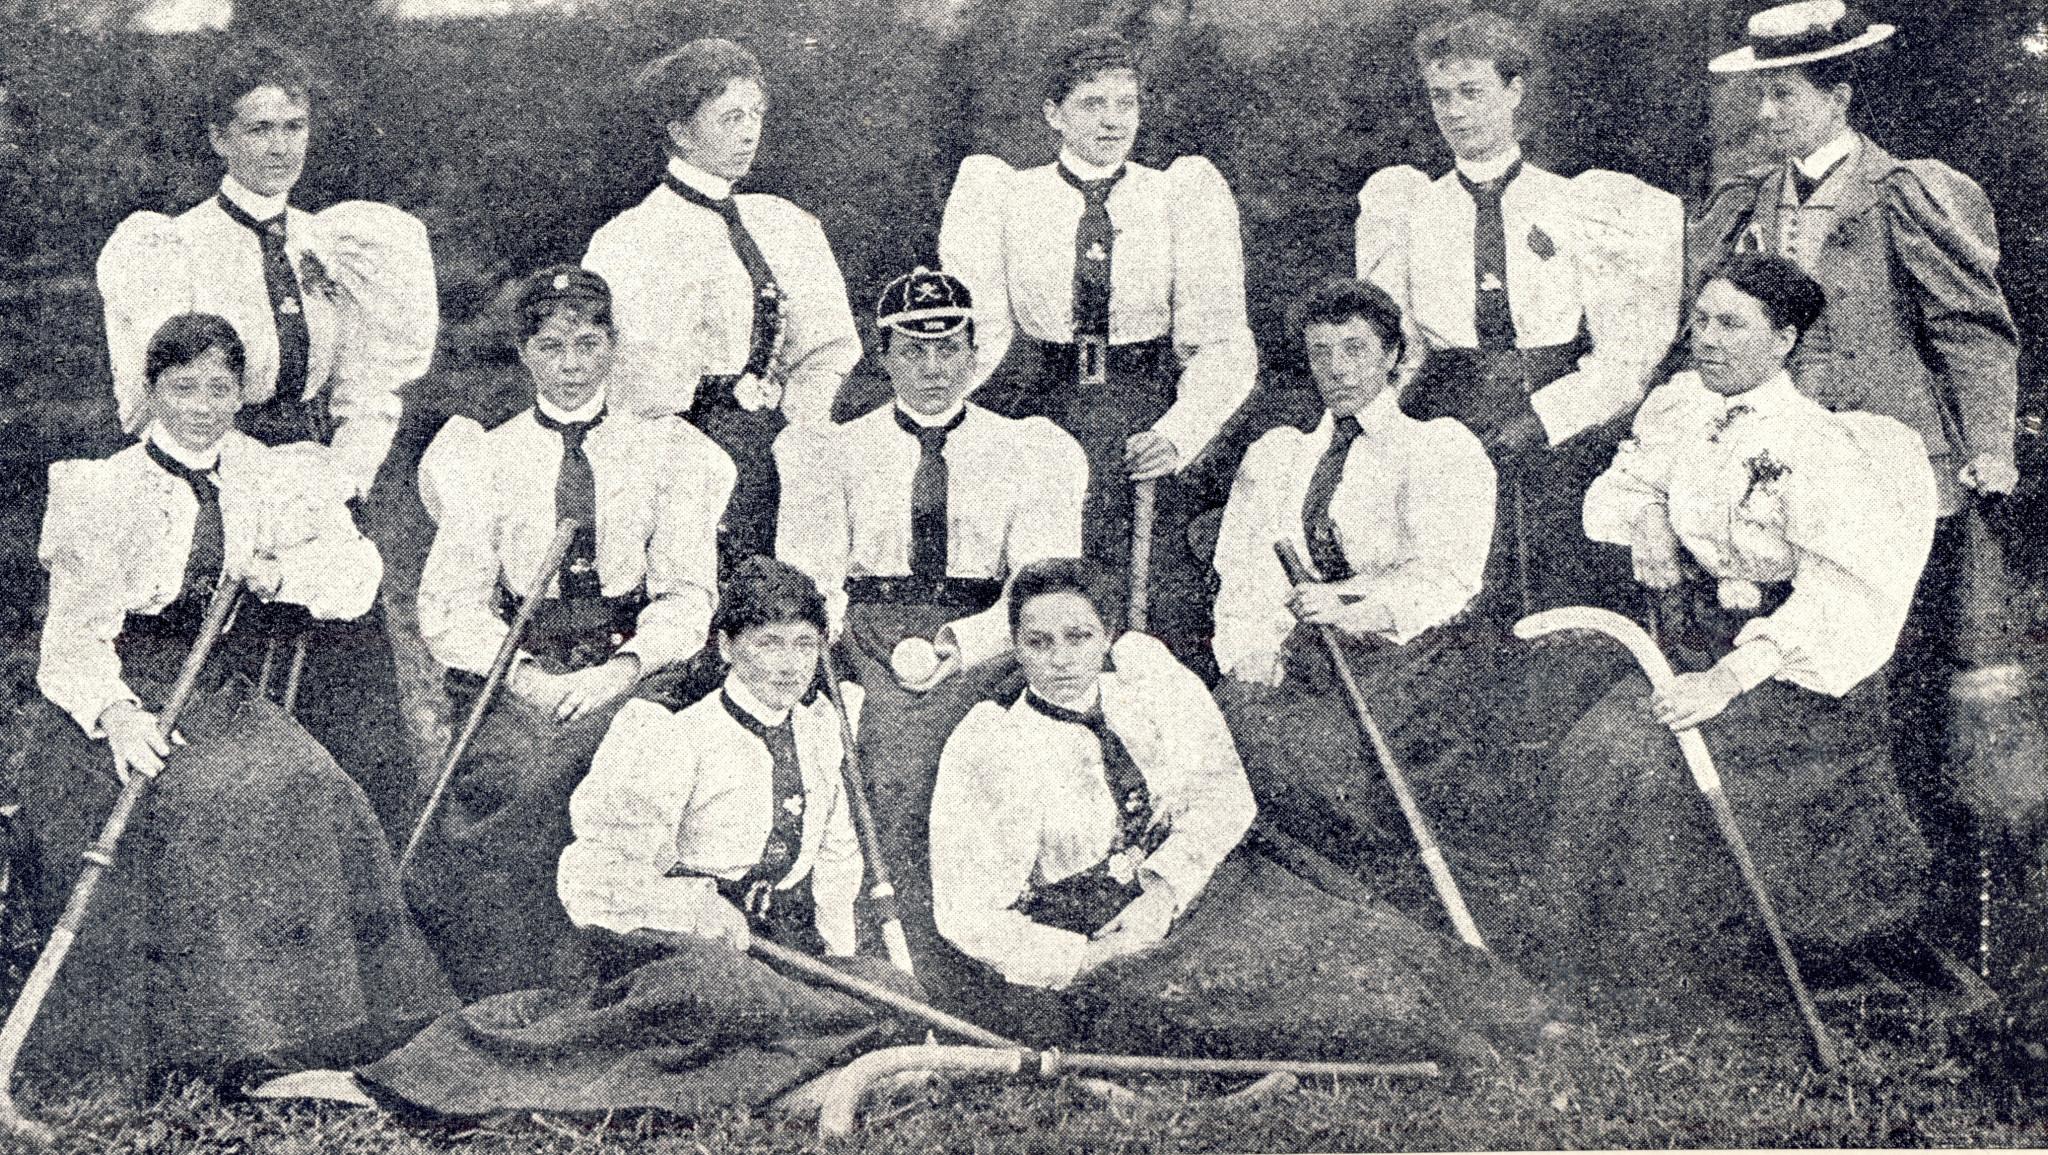 The Irish team of 1896 ©50 Years of Women's Hockey